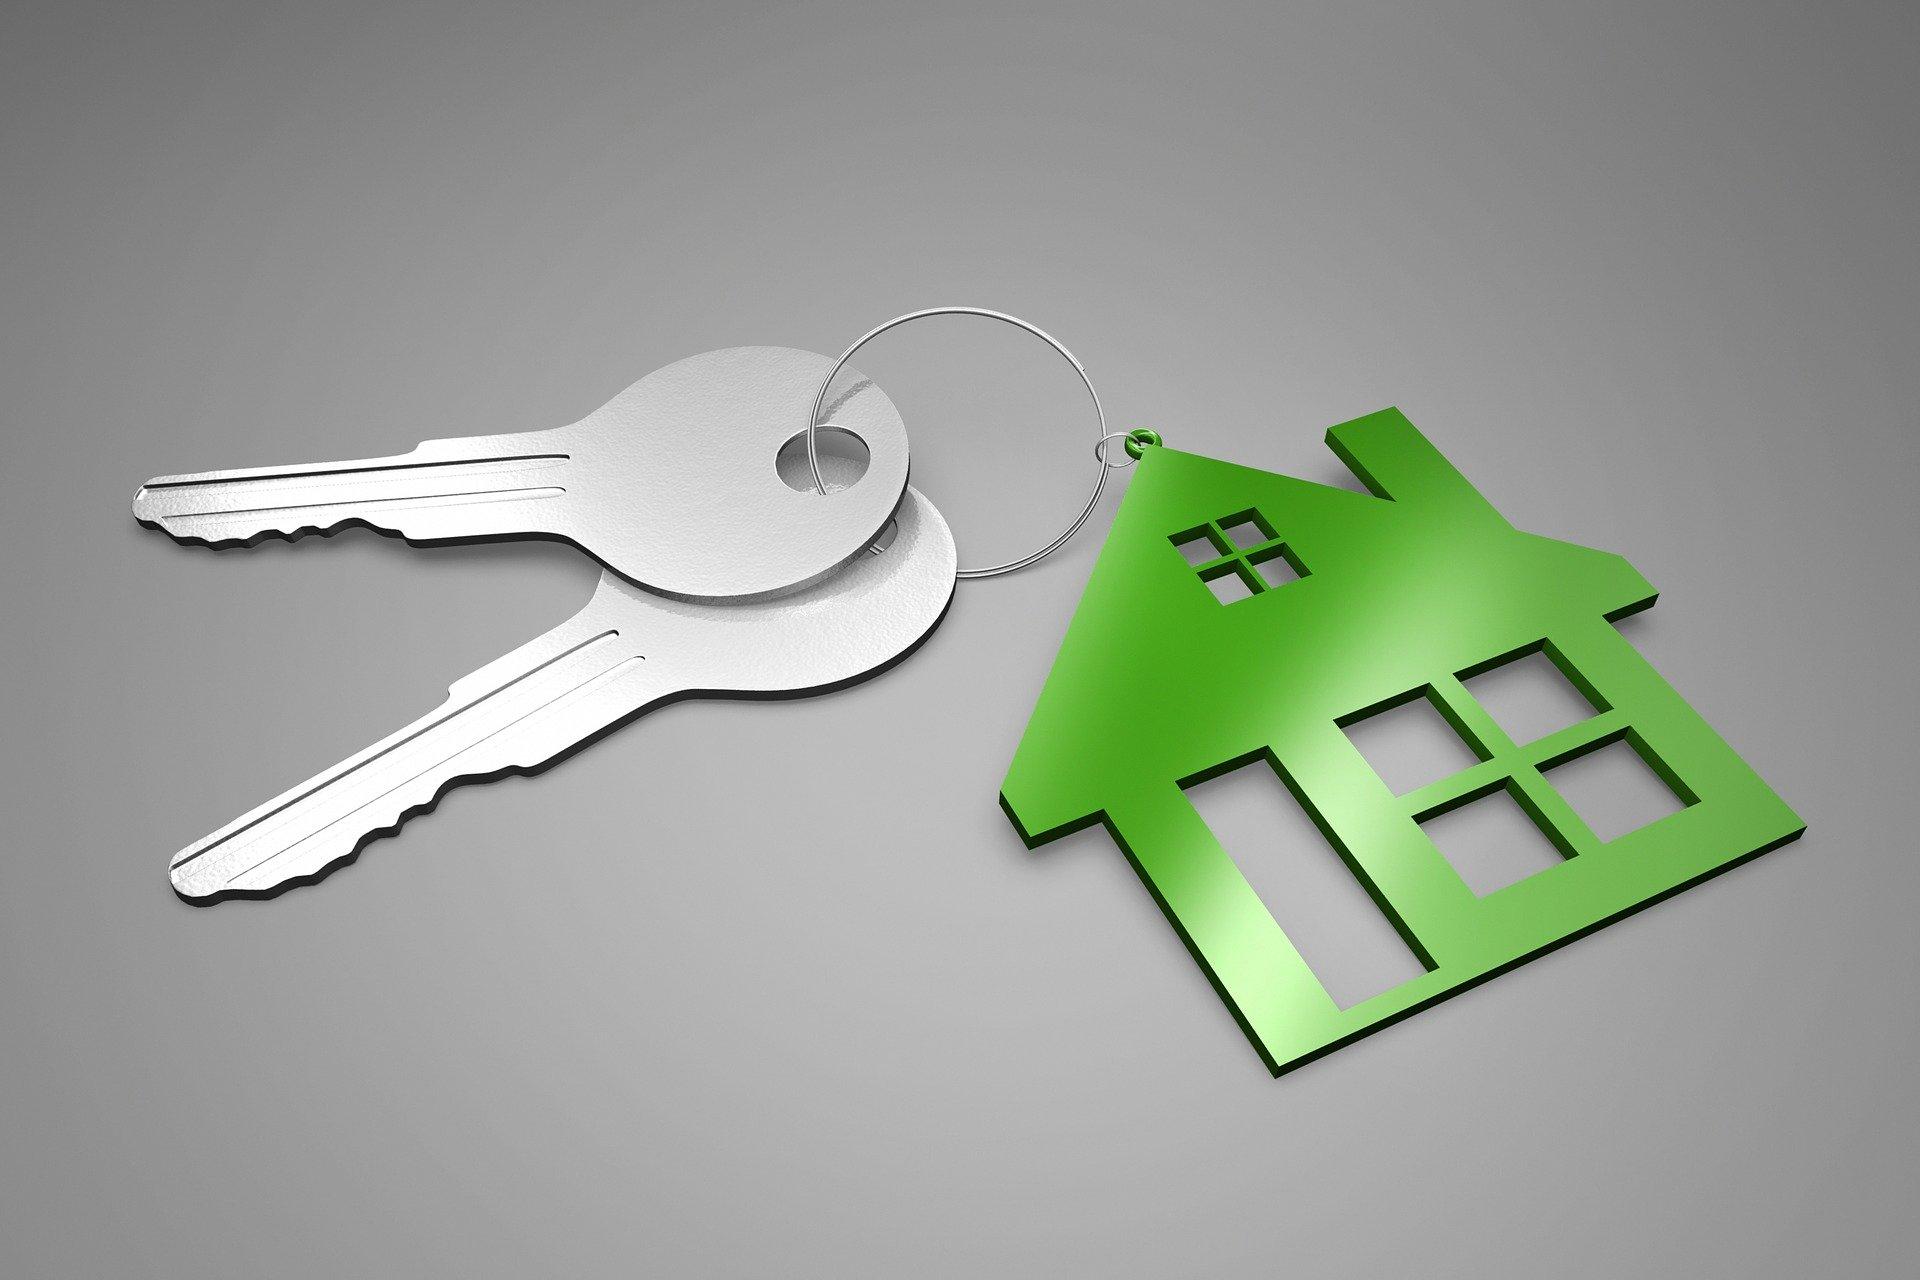 Vendita casa: perché affidarsi ad un'agenzia immobiliare?